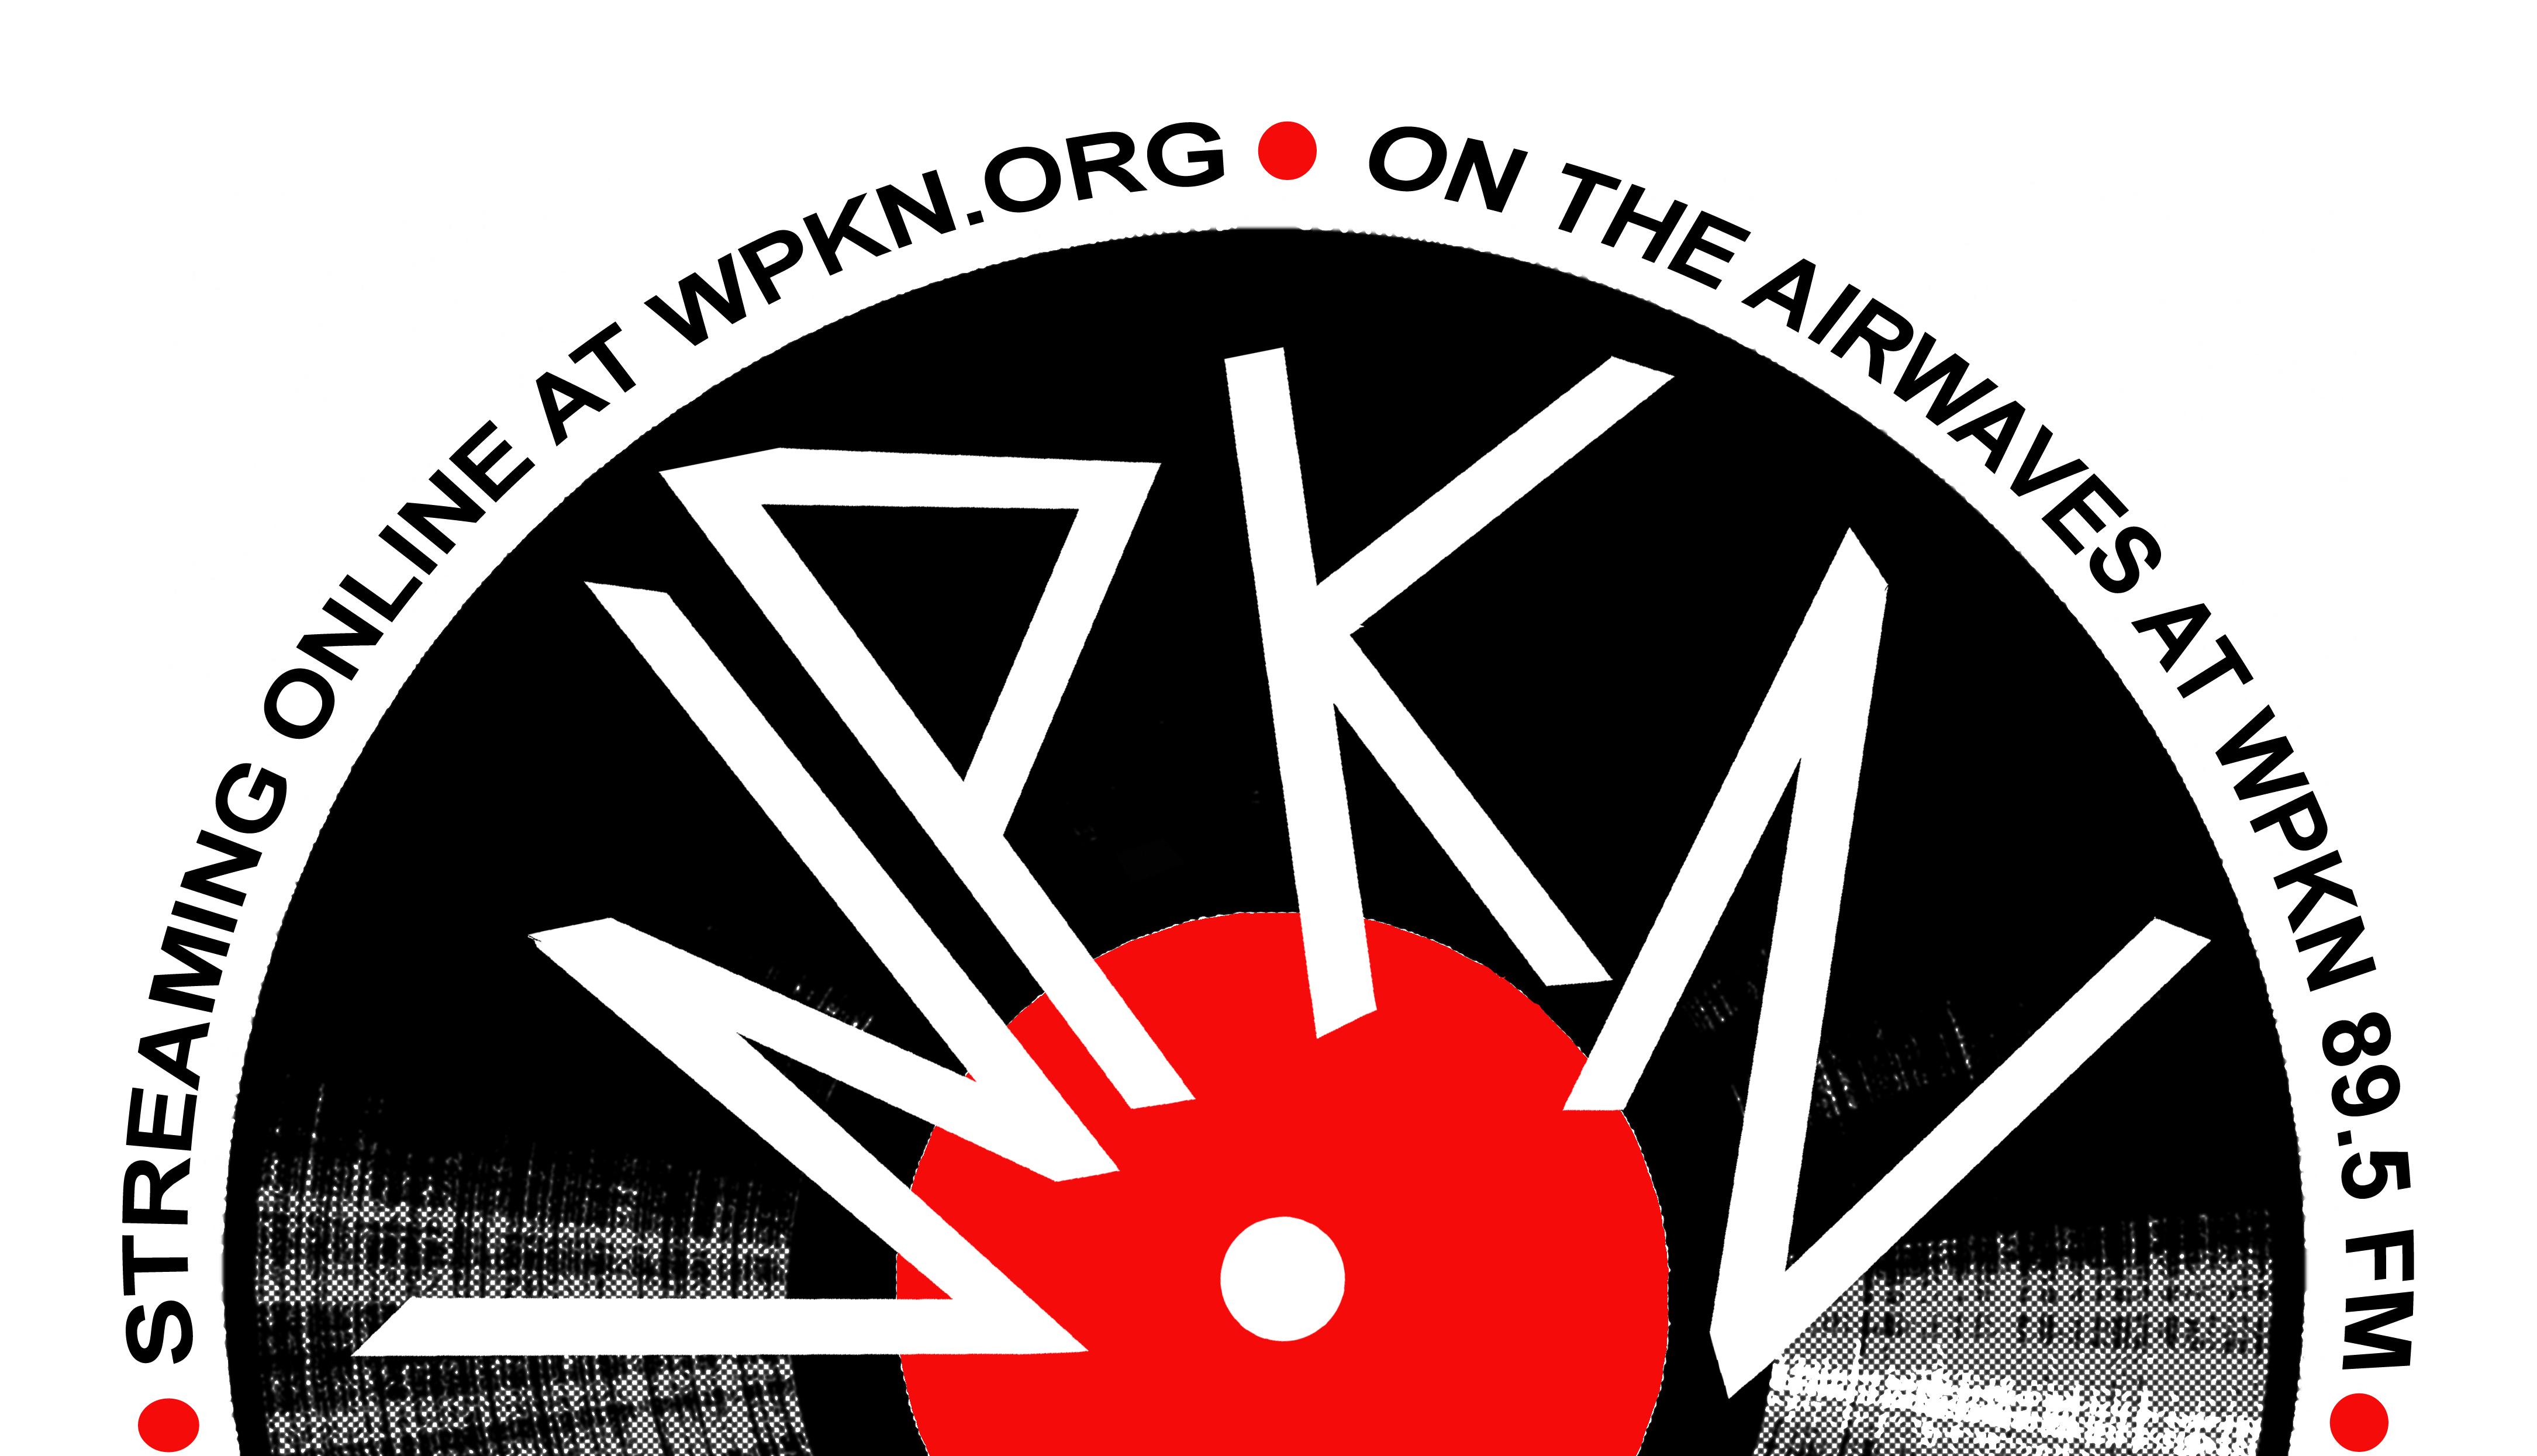 wpkn radio record logo